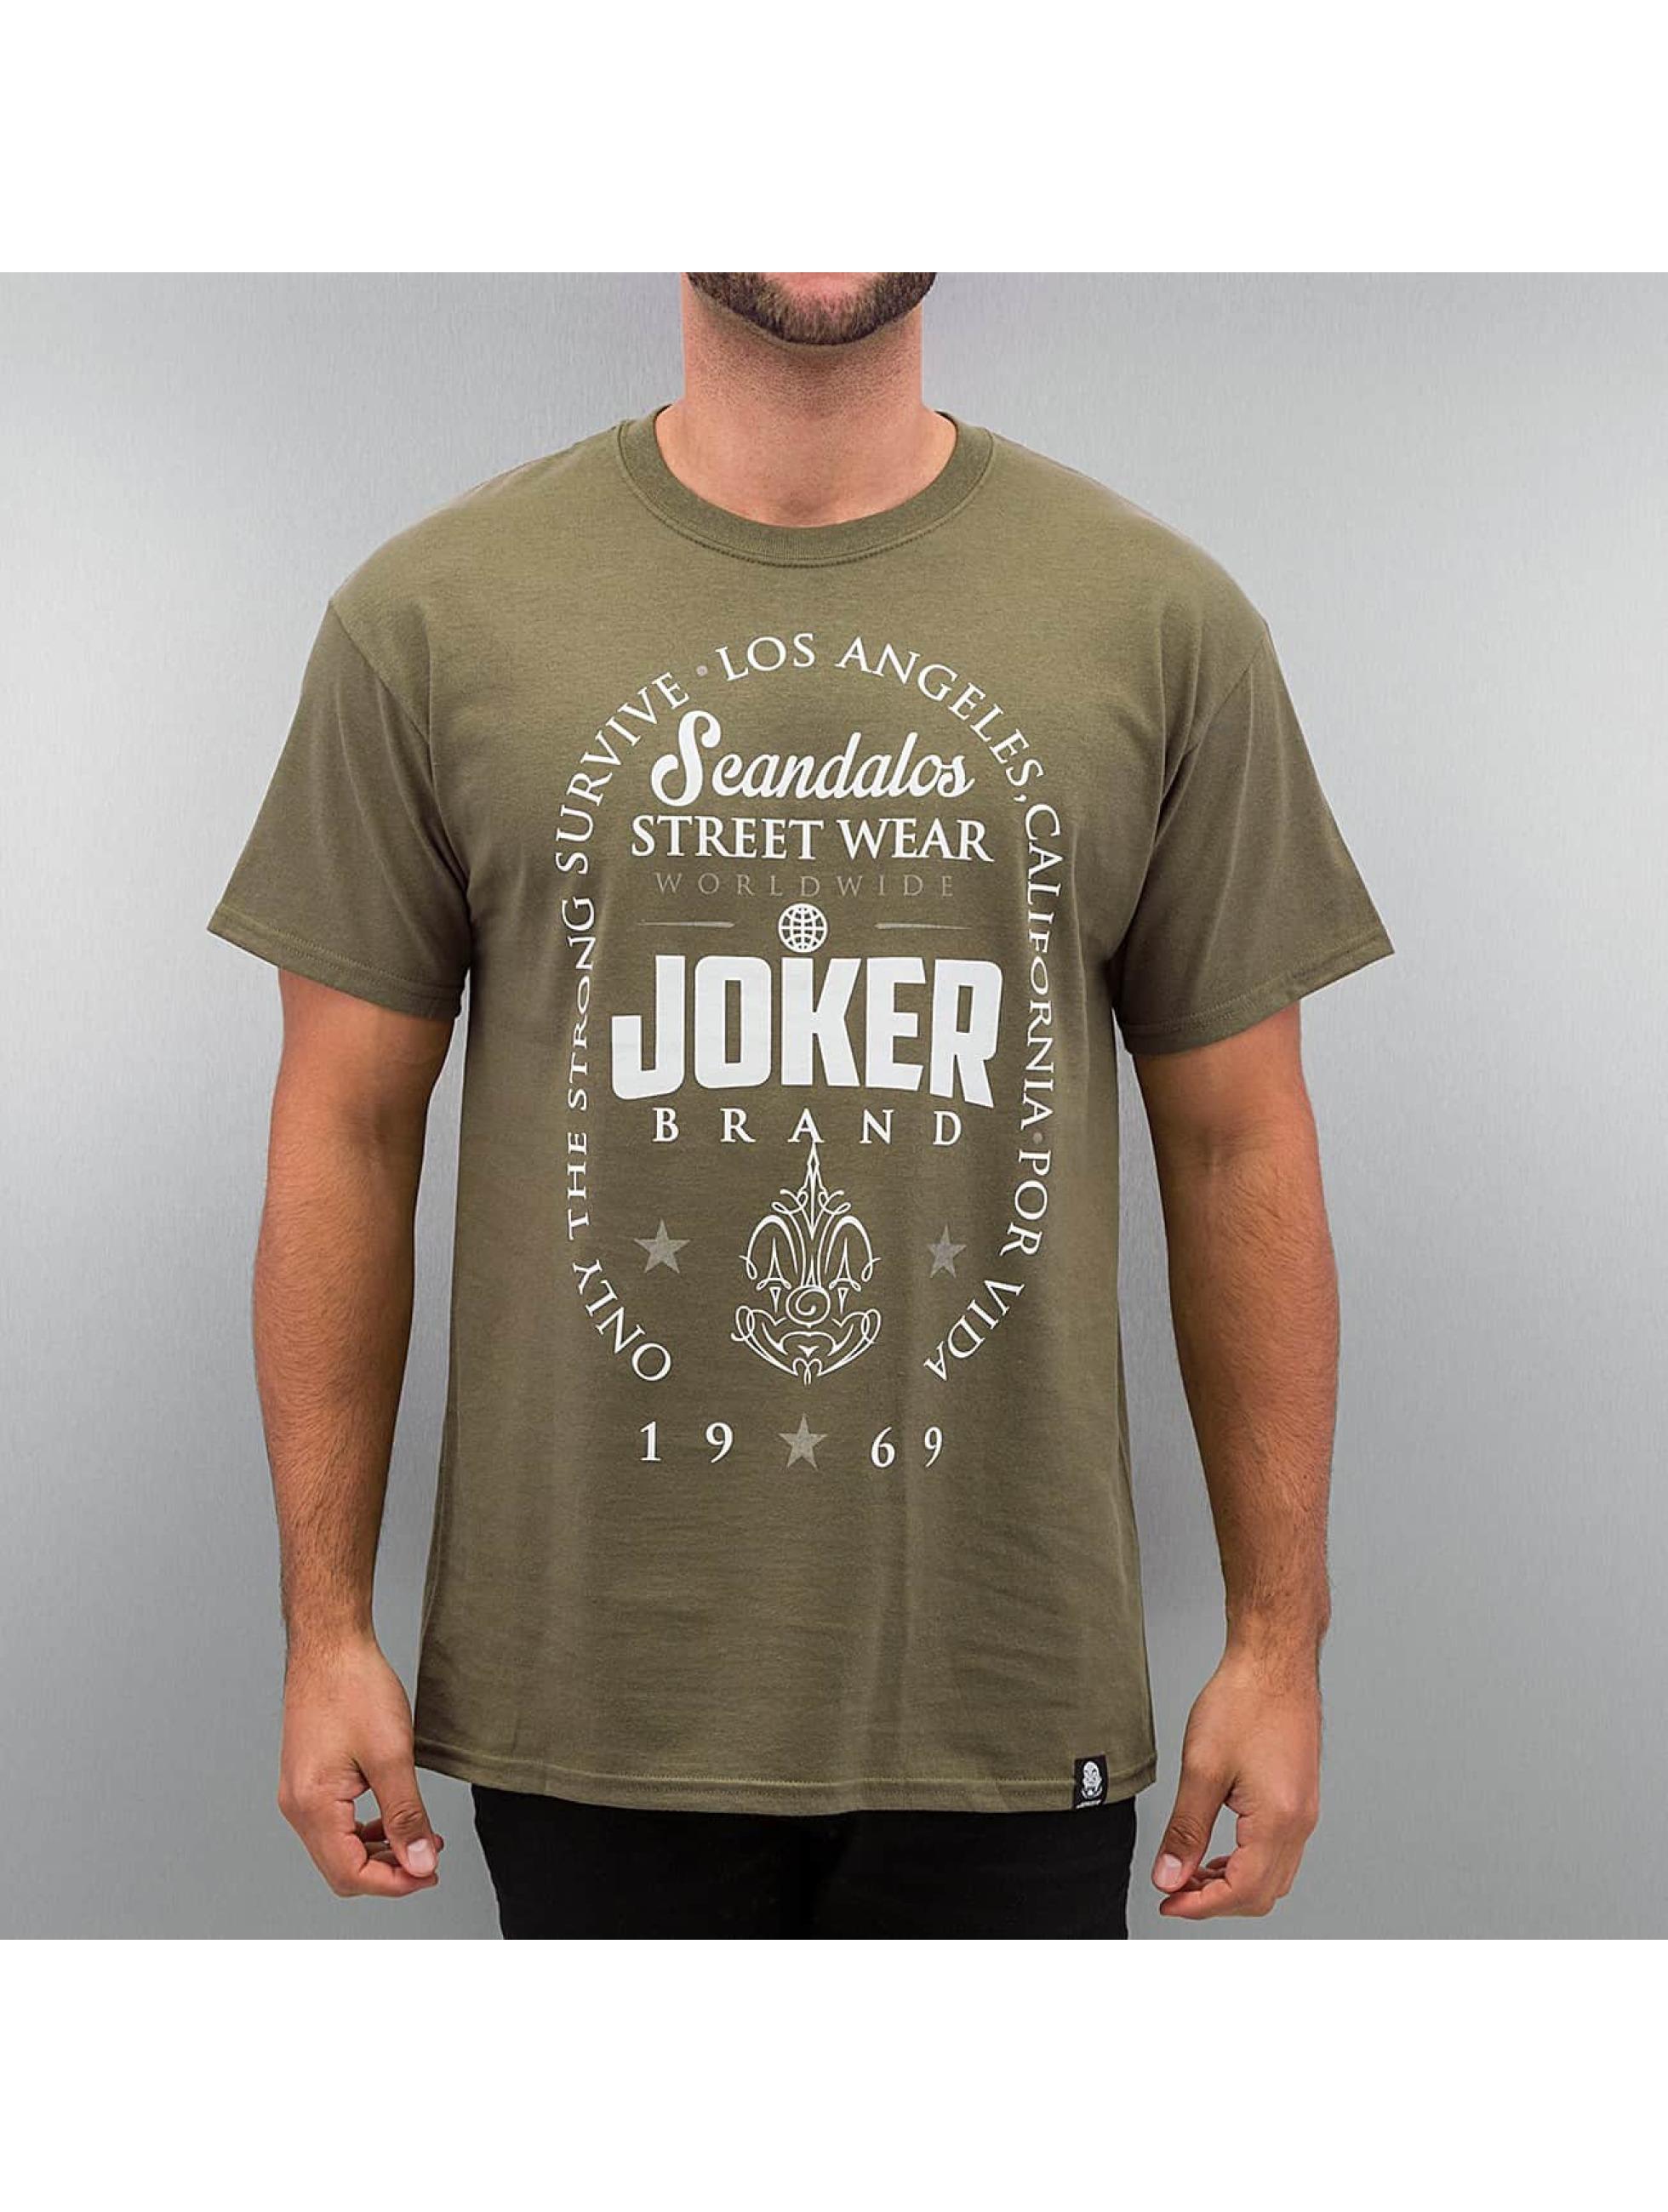 Joker T-paidat Scandalos oliivi